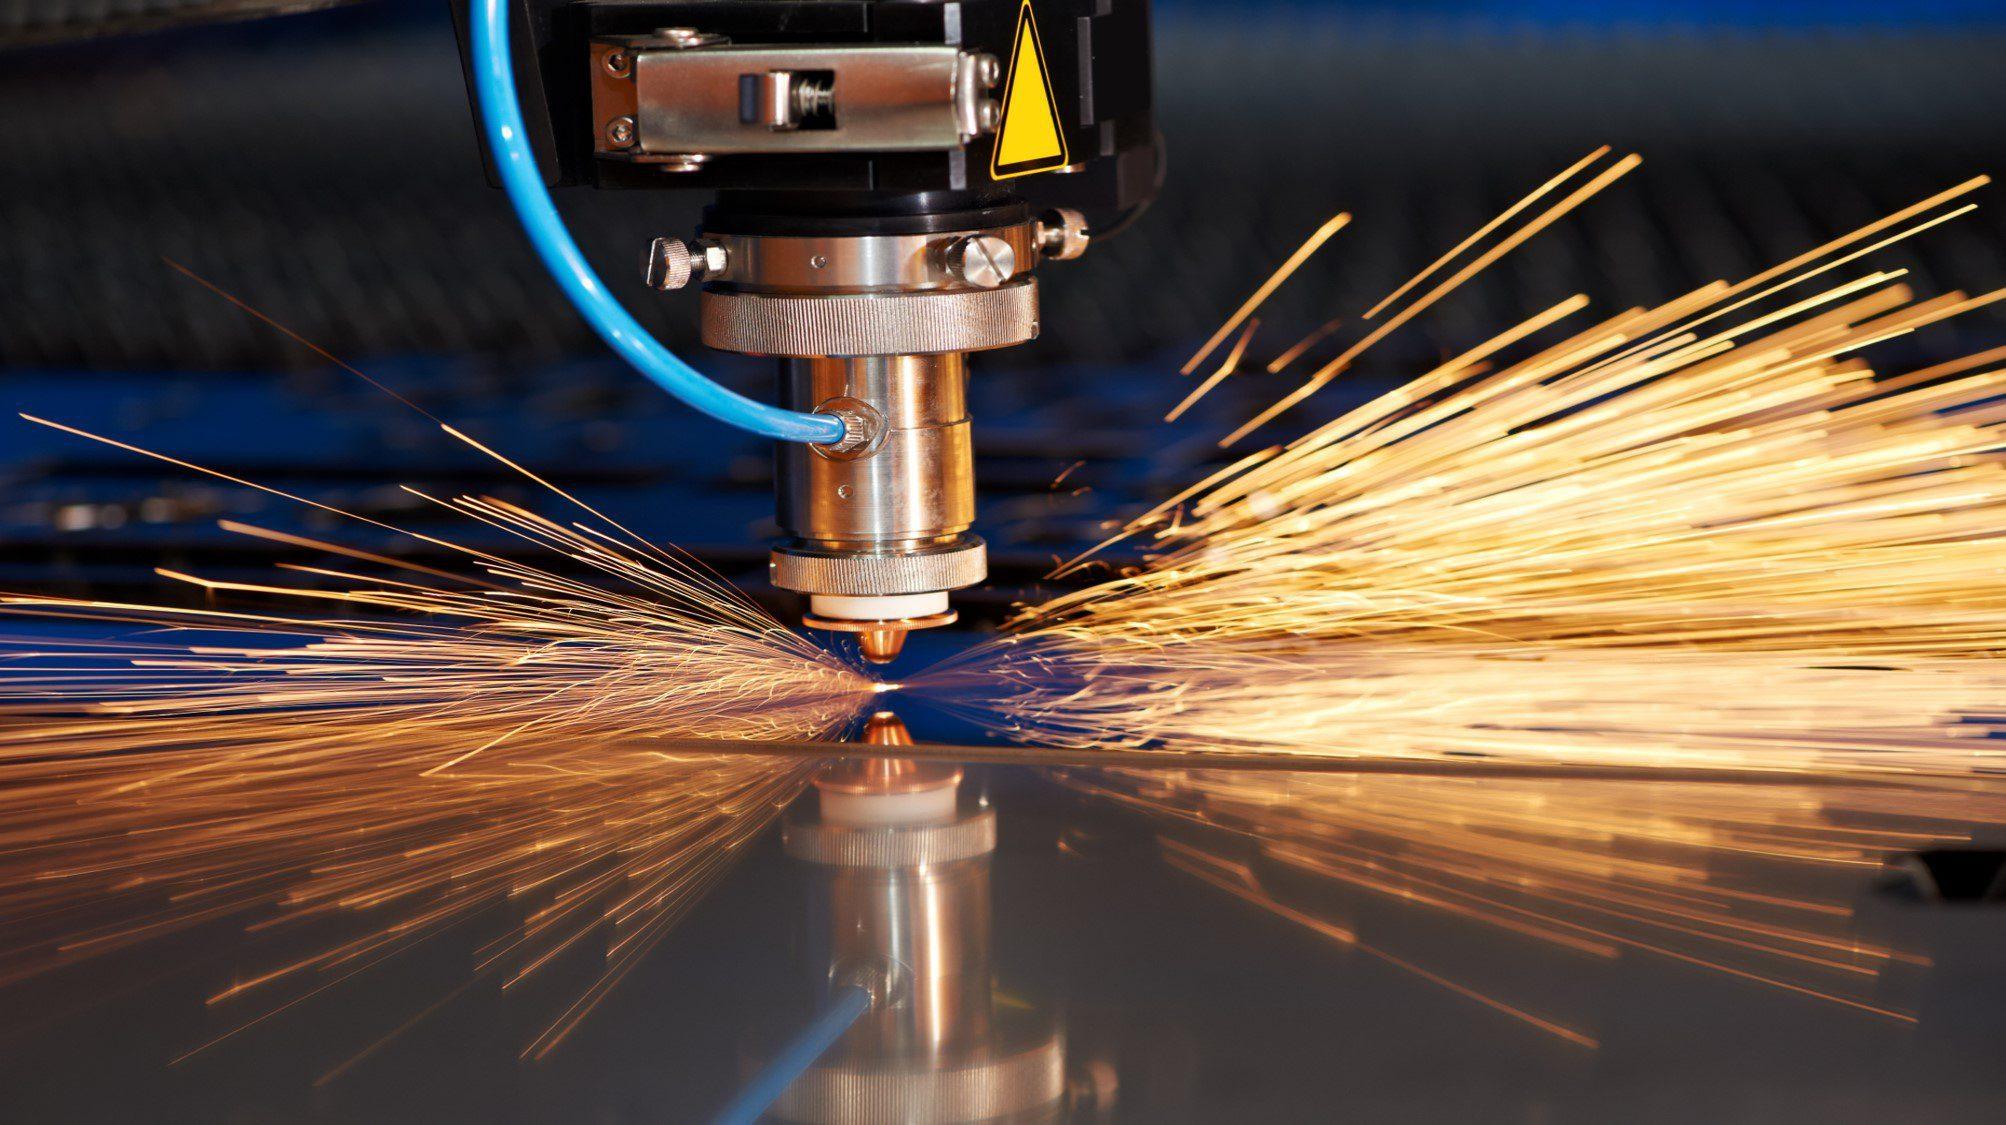 Les appels à projets dans le cadre du plan de relance pour l'industrie sont prolongés au 7 septembre 2021